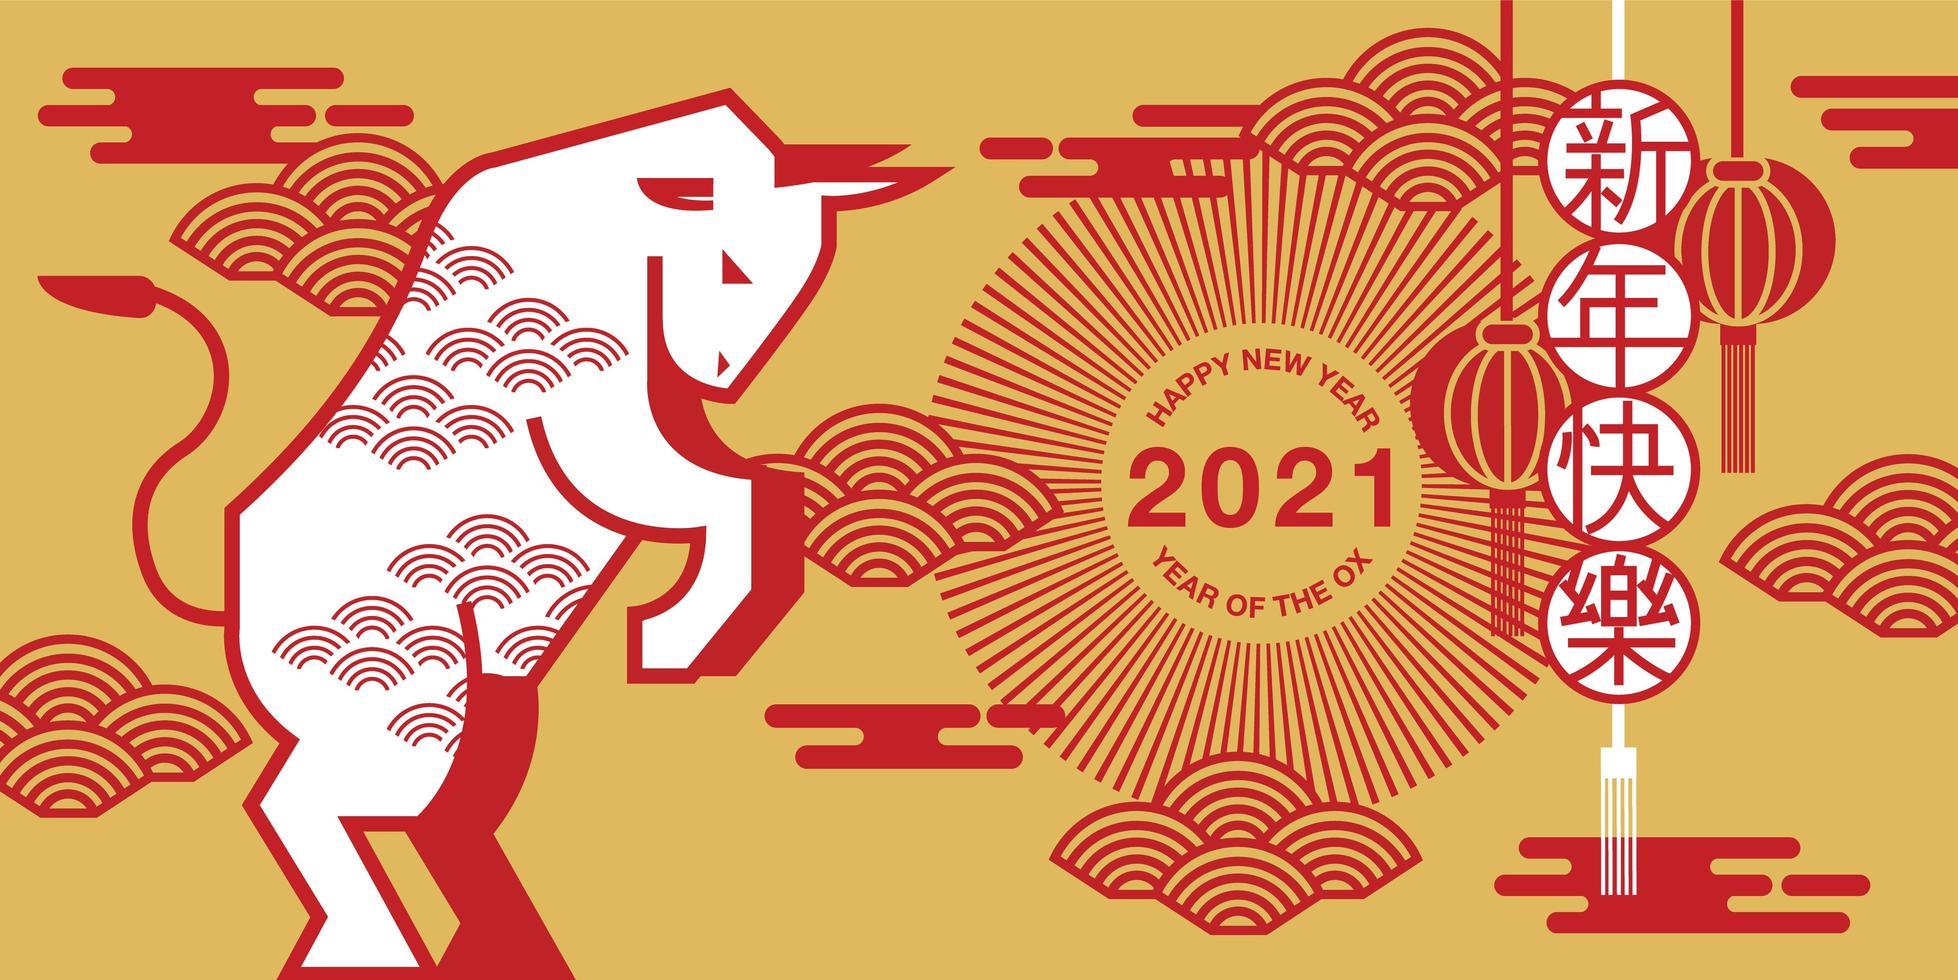 ano novo chinês 2021 banner com boi nas patas vetor